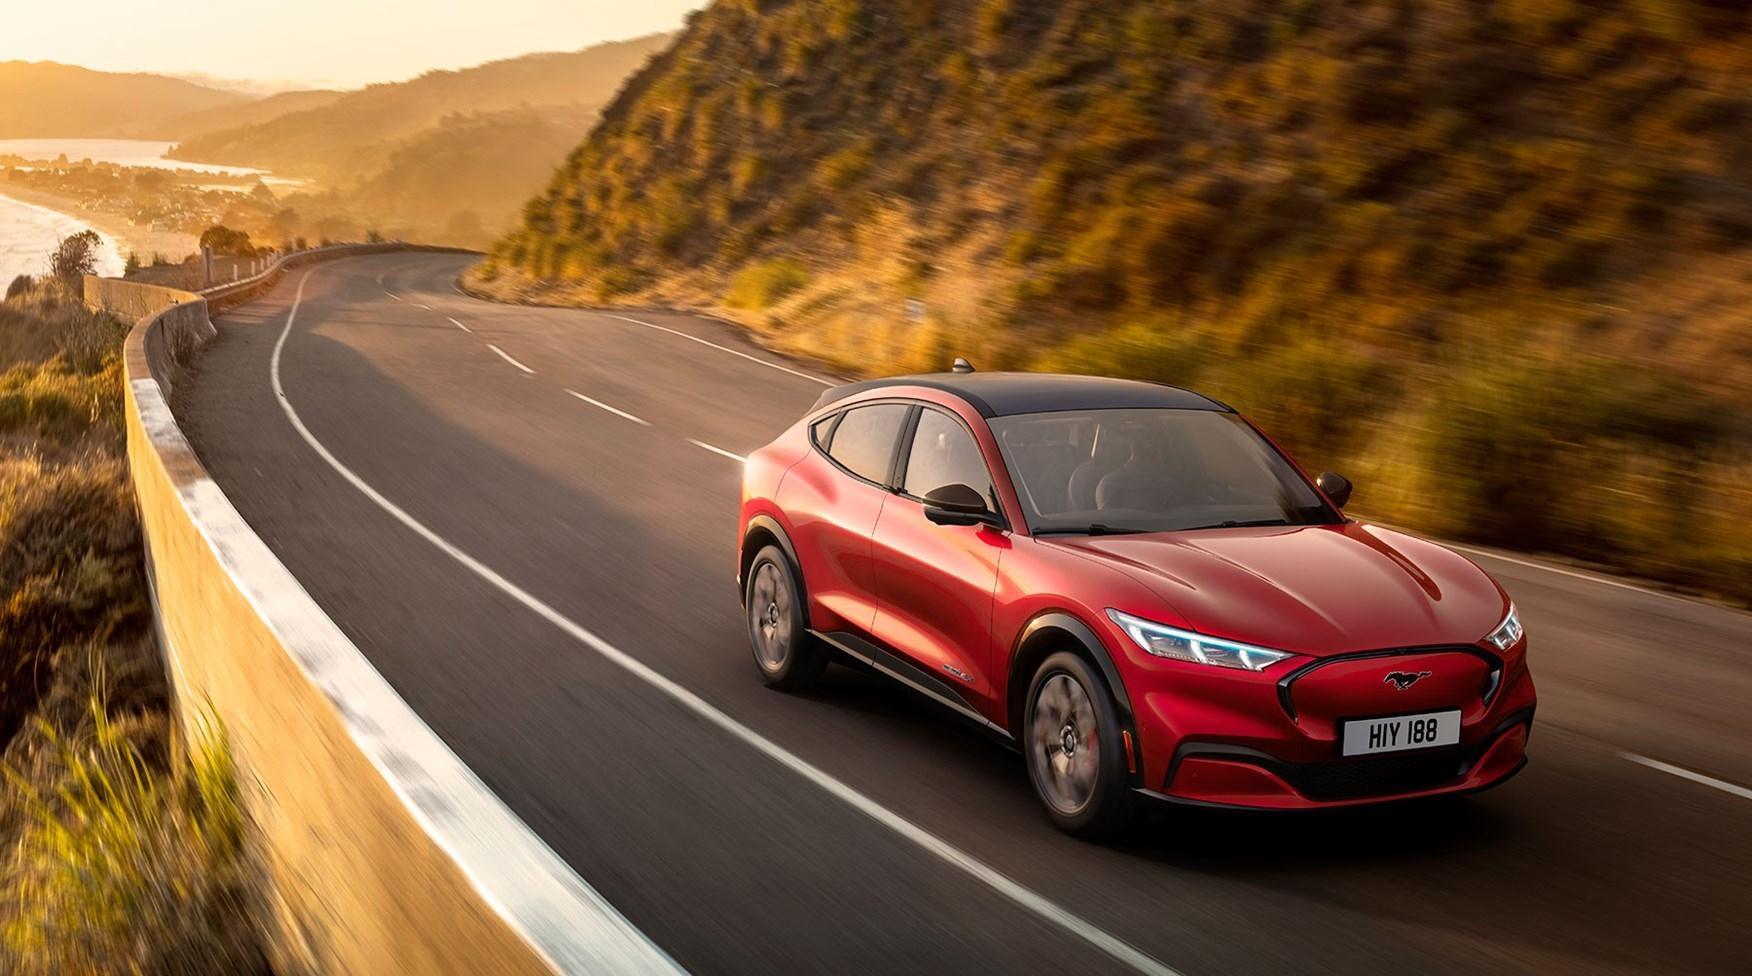 Ford Mustang Mach E ra mắt: Crossover thuần điện, giá từ 44.000 USD Ảnh 1